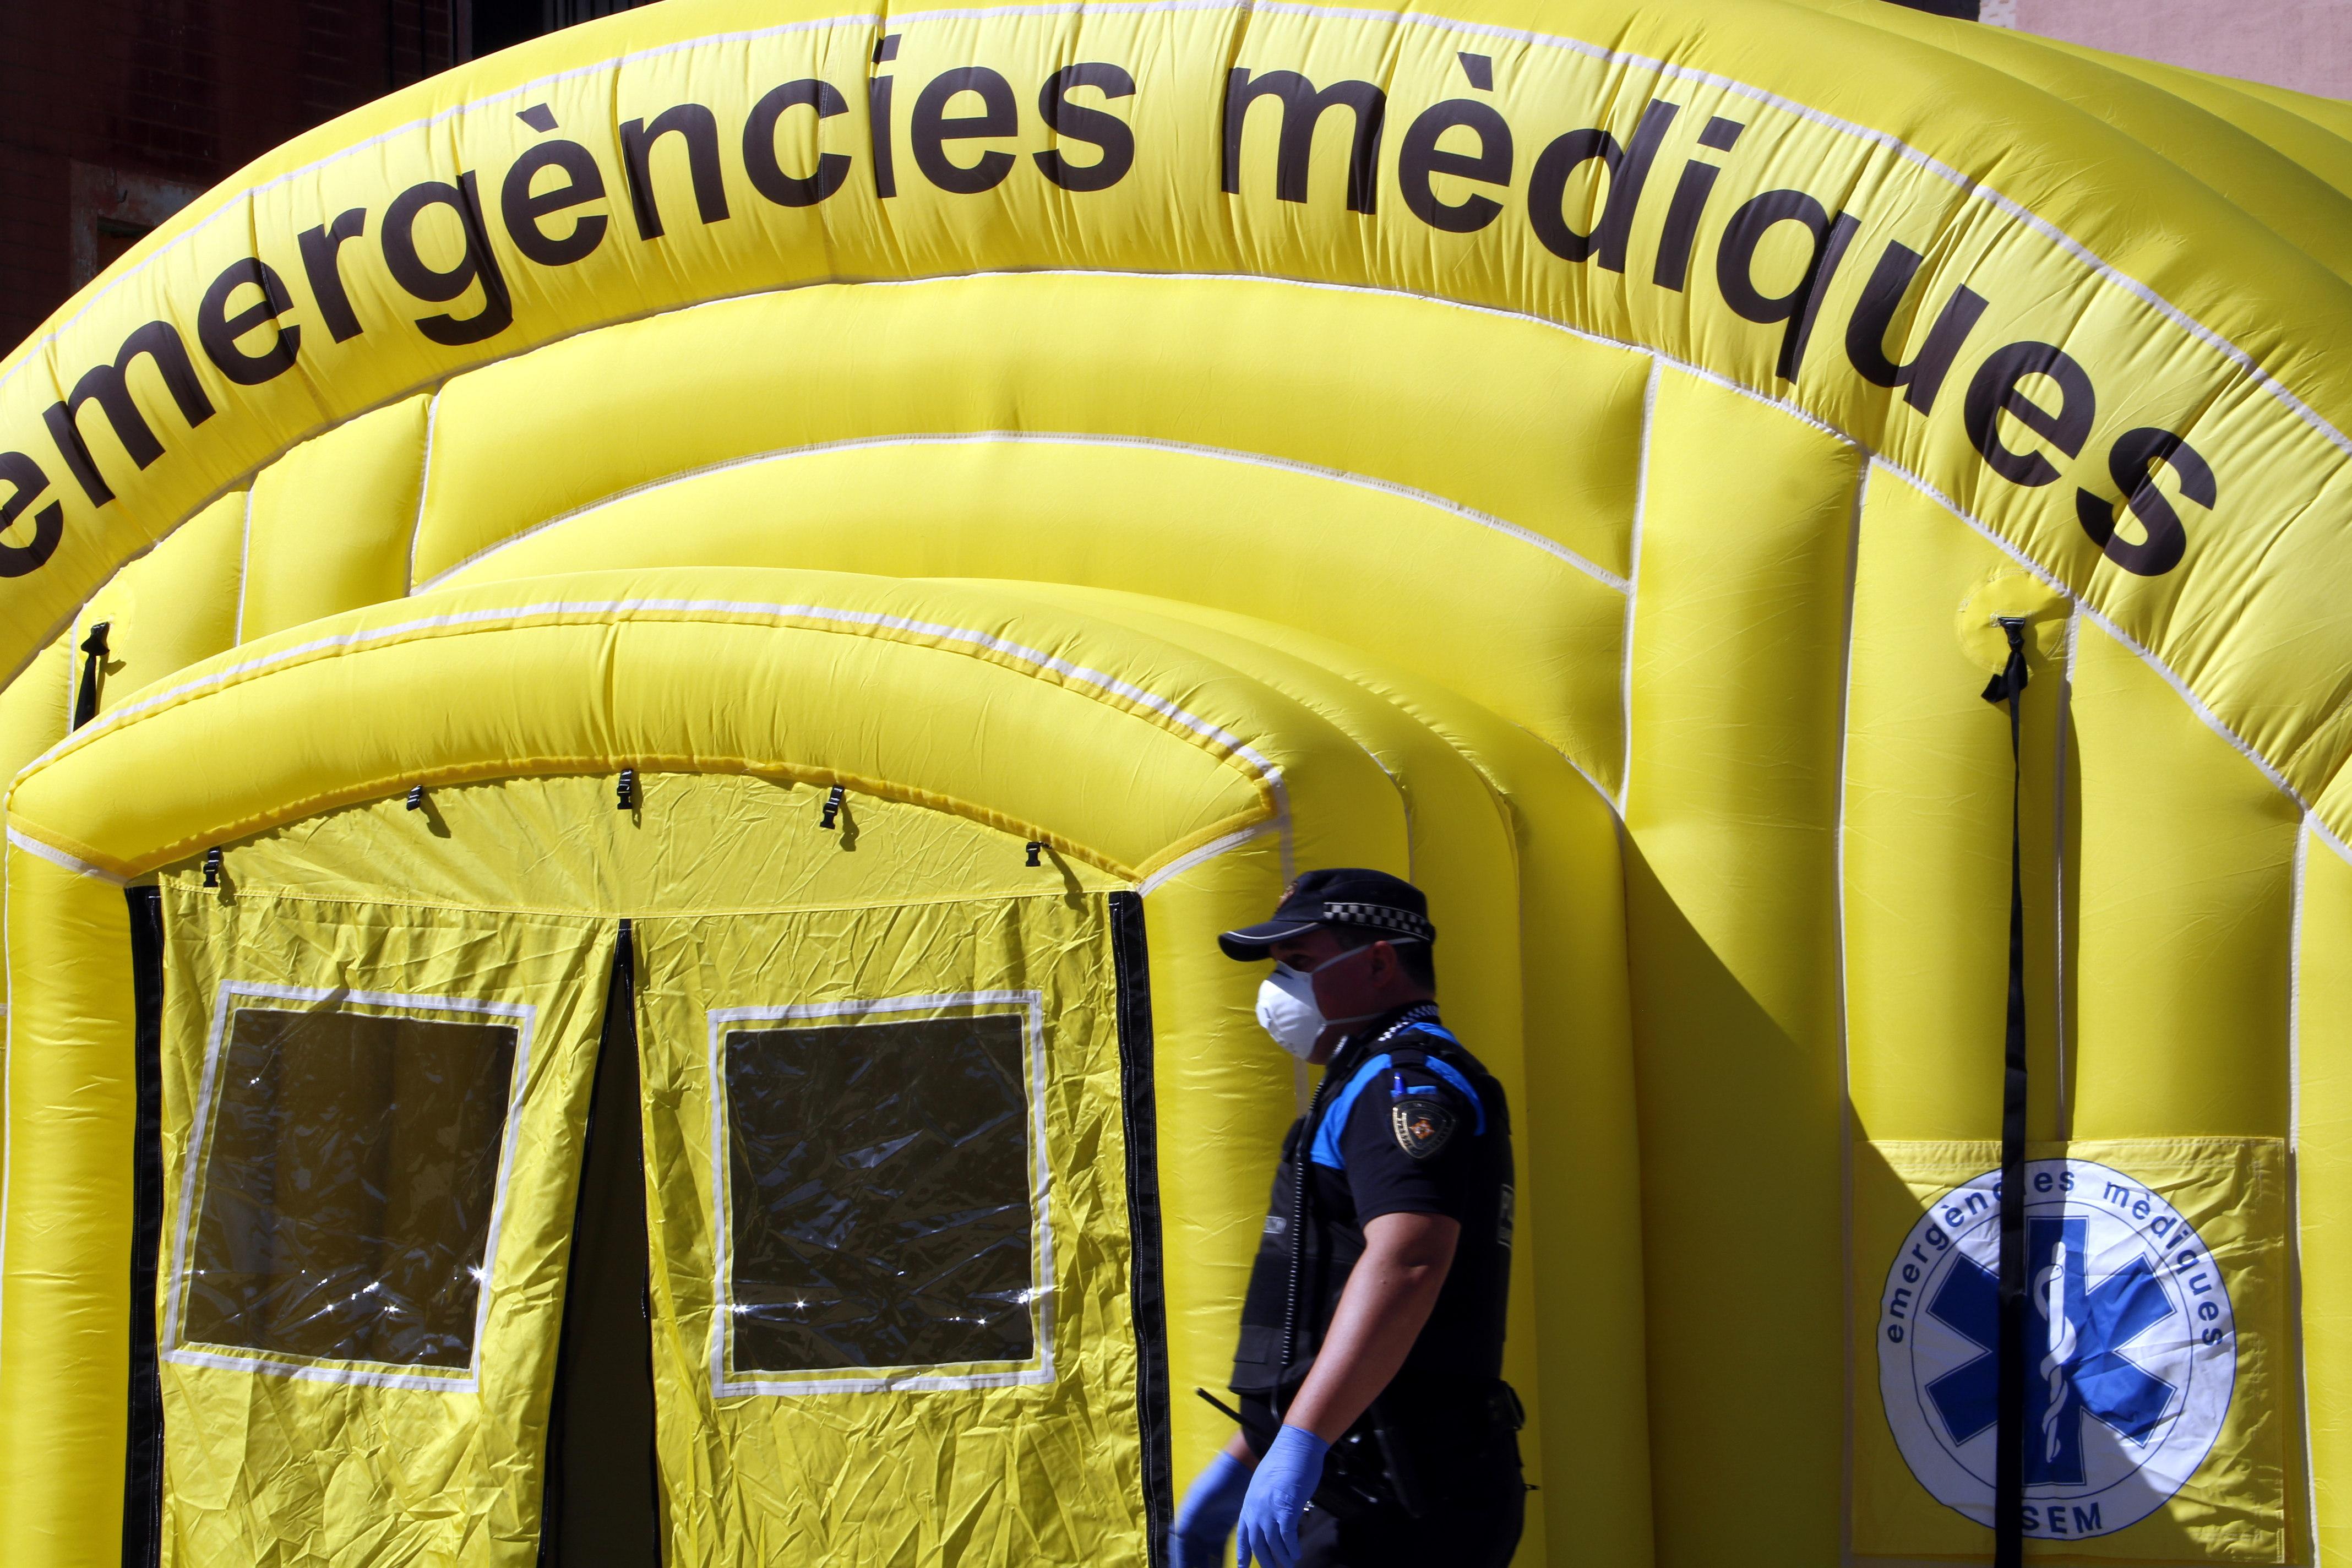 La Regió Sanitària de Lleida no registra cap contagi de coronavirus en el darrer balanç diari